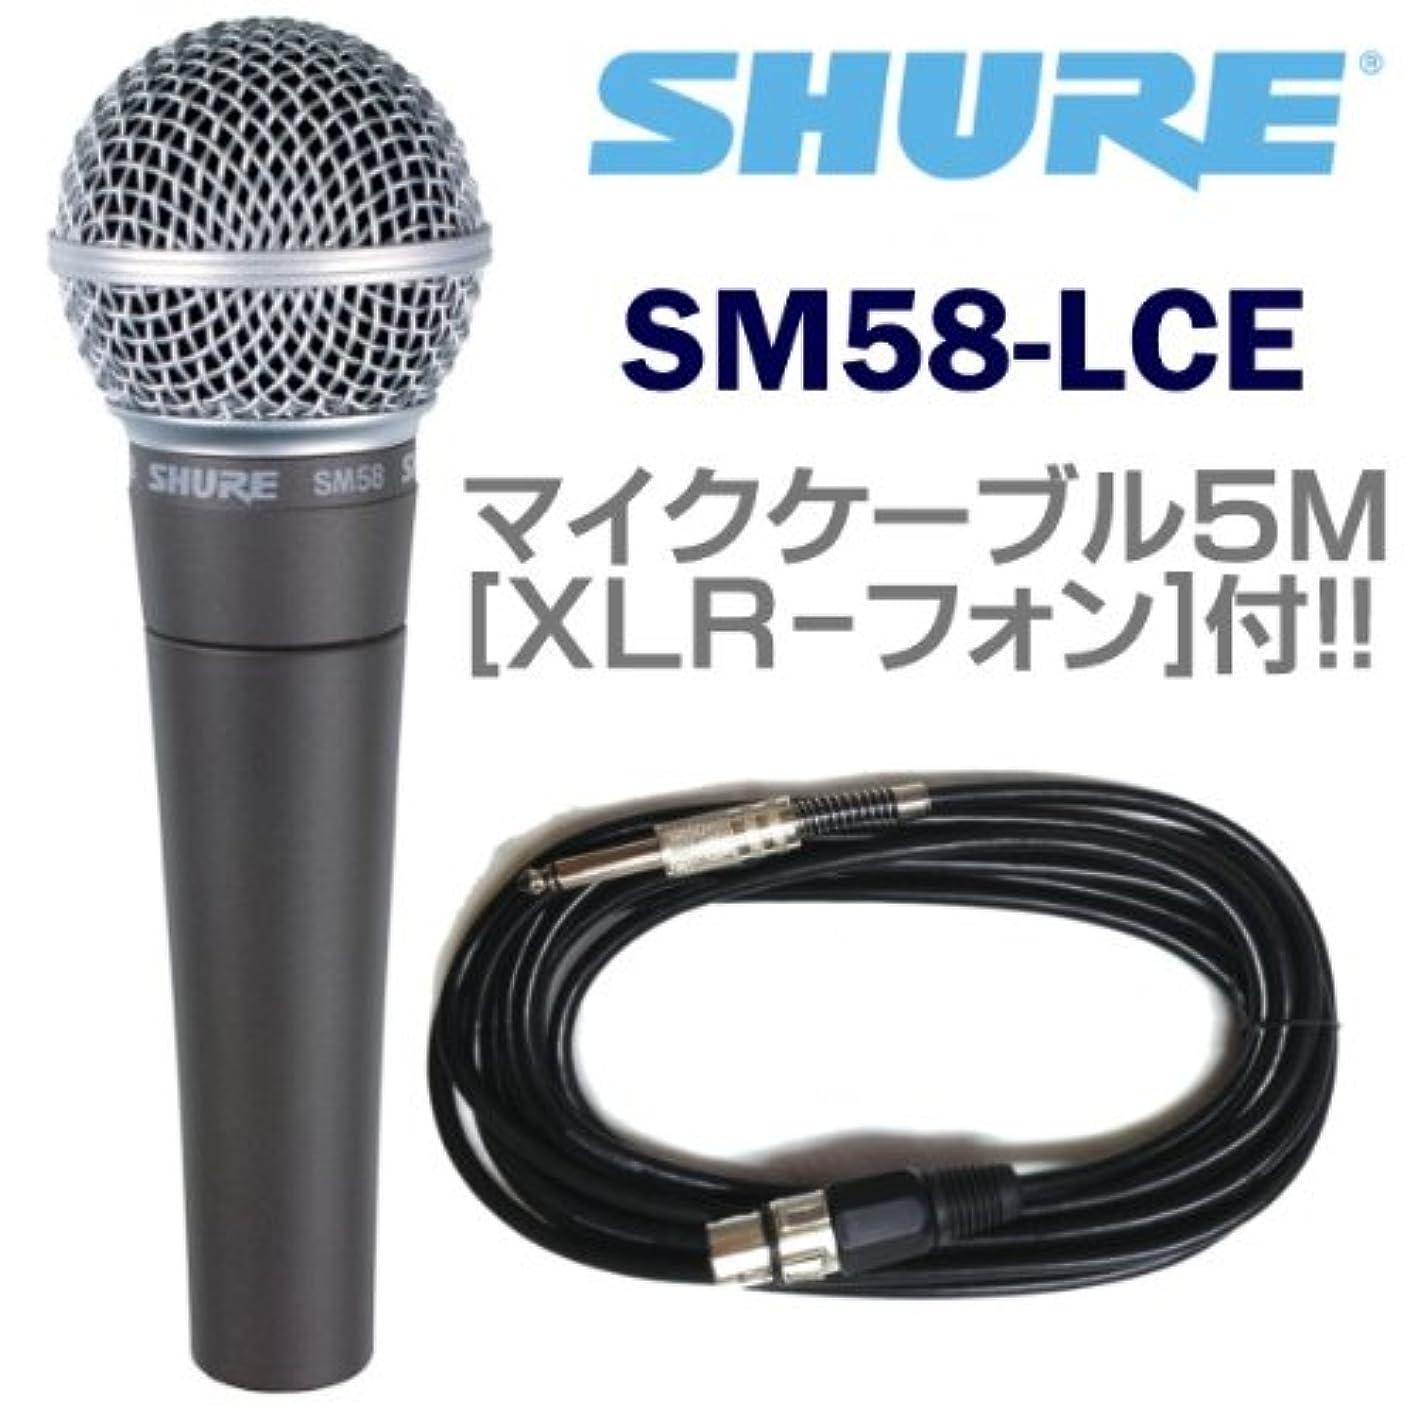 報復するオートマトン協力的【マイクケーブル5M[XLR-フォン]付7点セット】SHURE/シュア SM58-LCE ボーカルマイク